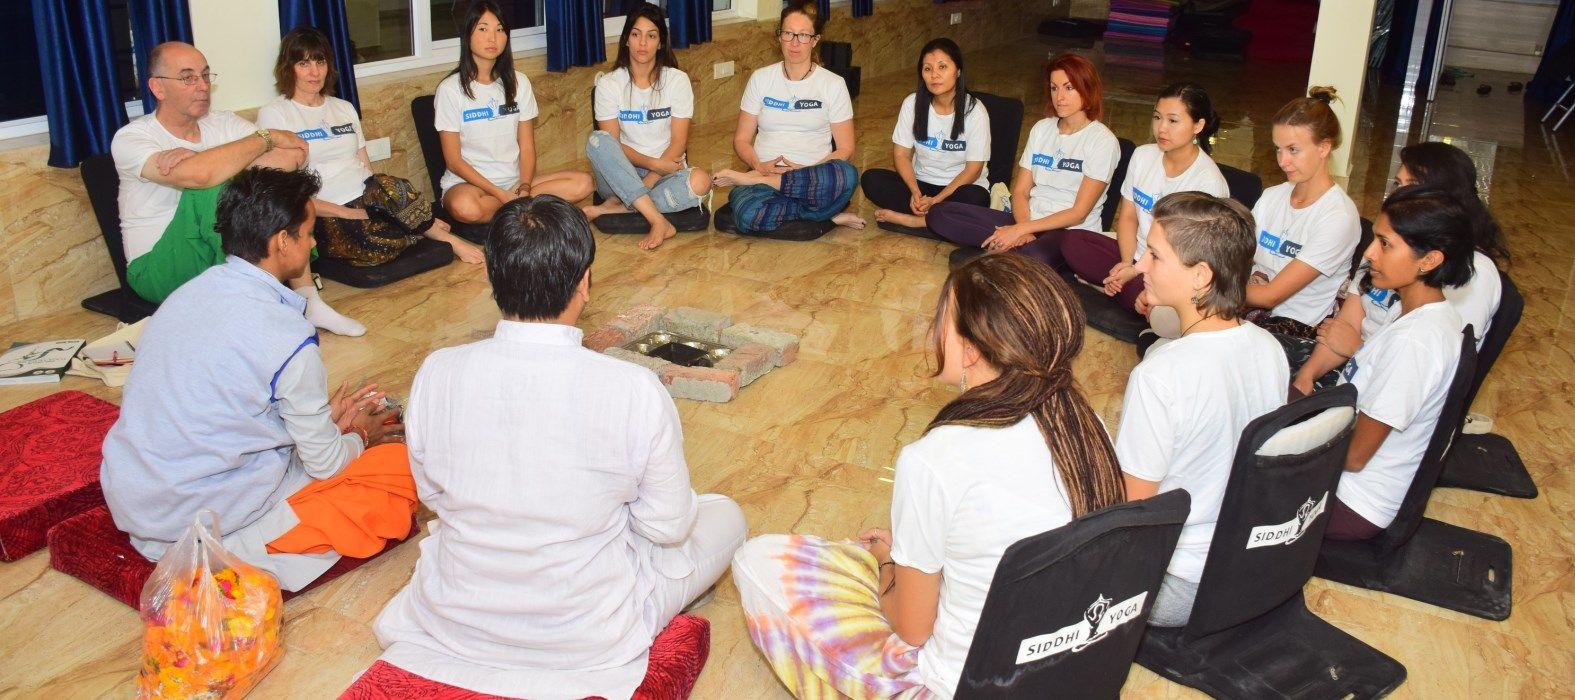 siddhi yoga rishikesh opening ceremony